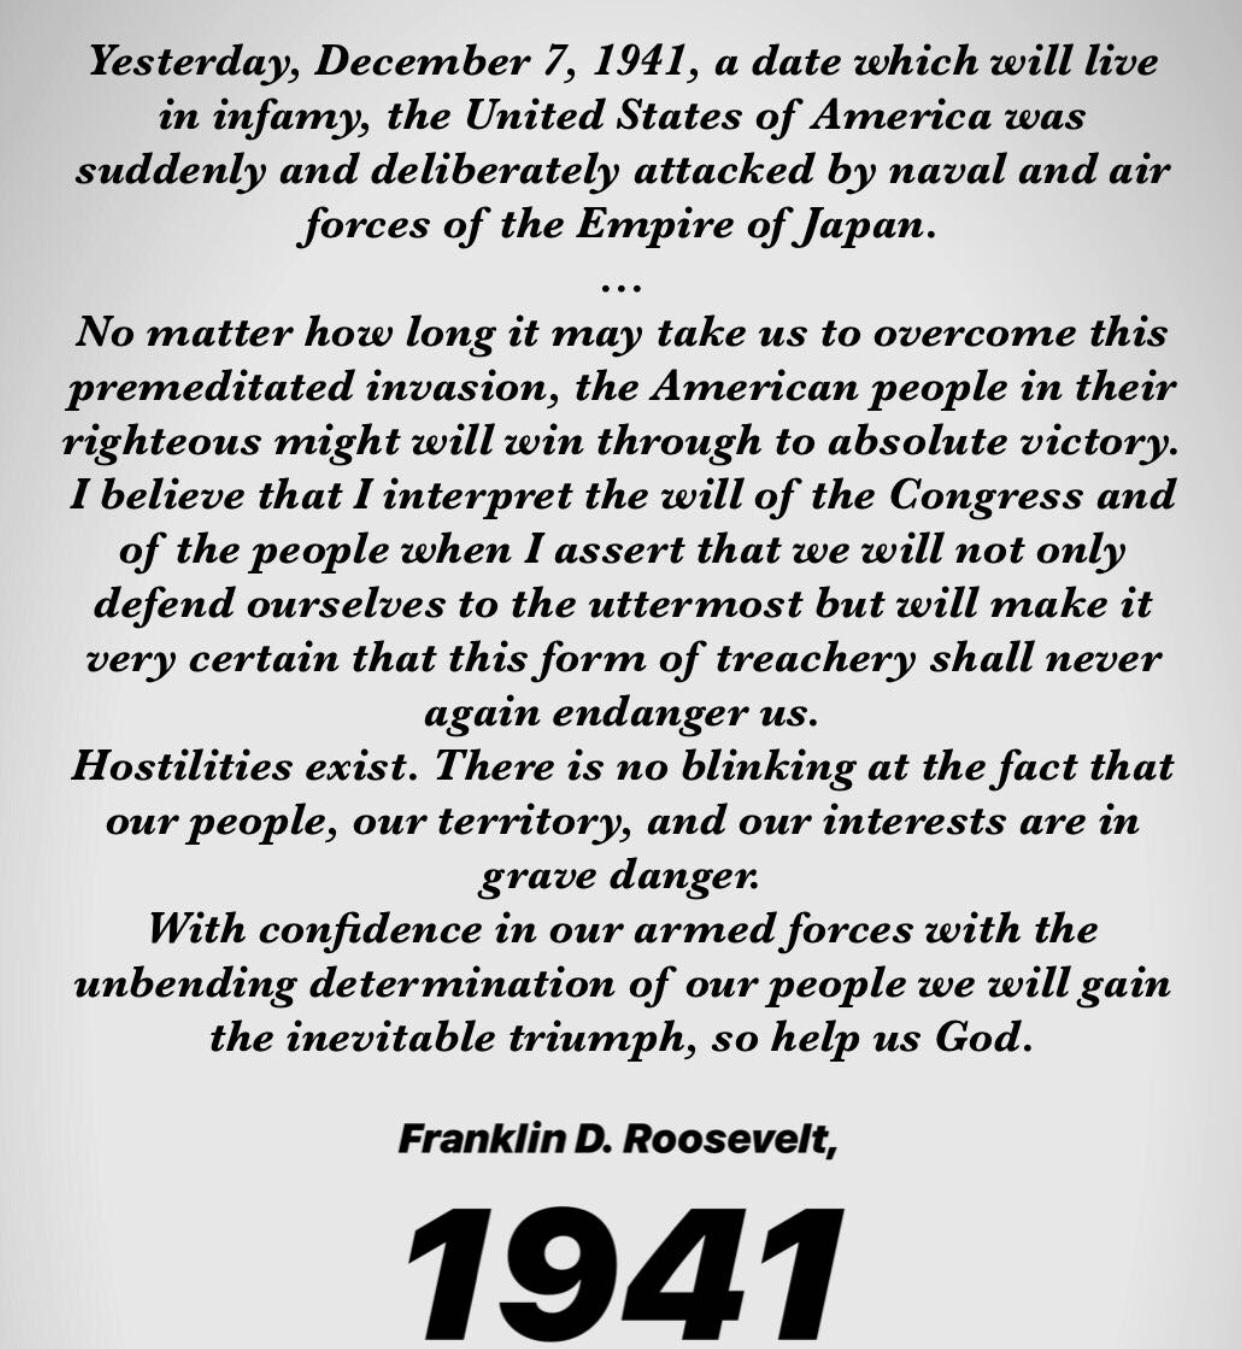 Franklin D. Roosevelt, 1941